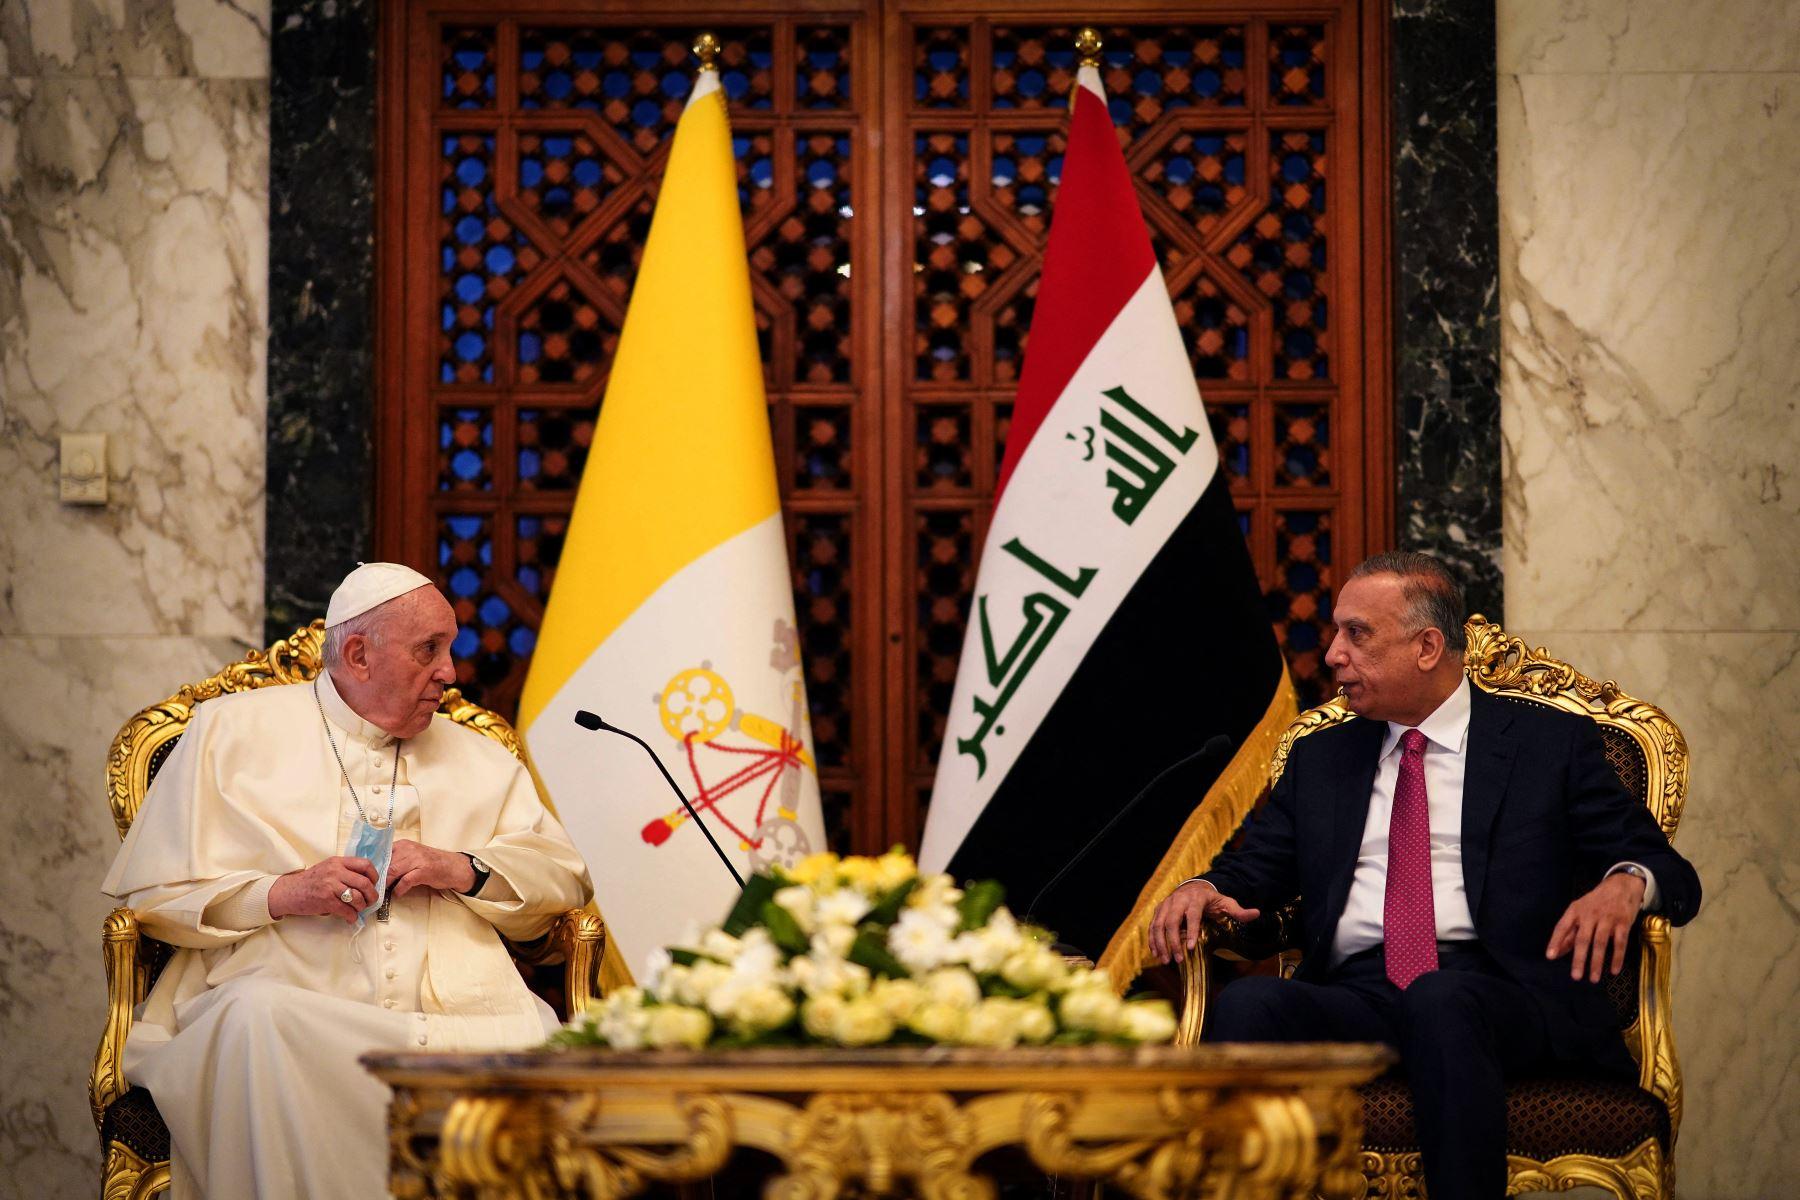 El primer ministro de Irak, Mustafa al-Kadhemi (derecha), da la bienvenida al Papa Francisco en la sala VIP del aeropuerto de Bagdad. Foto: AFP